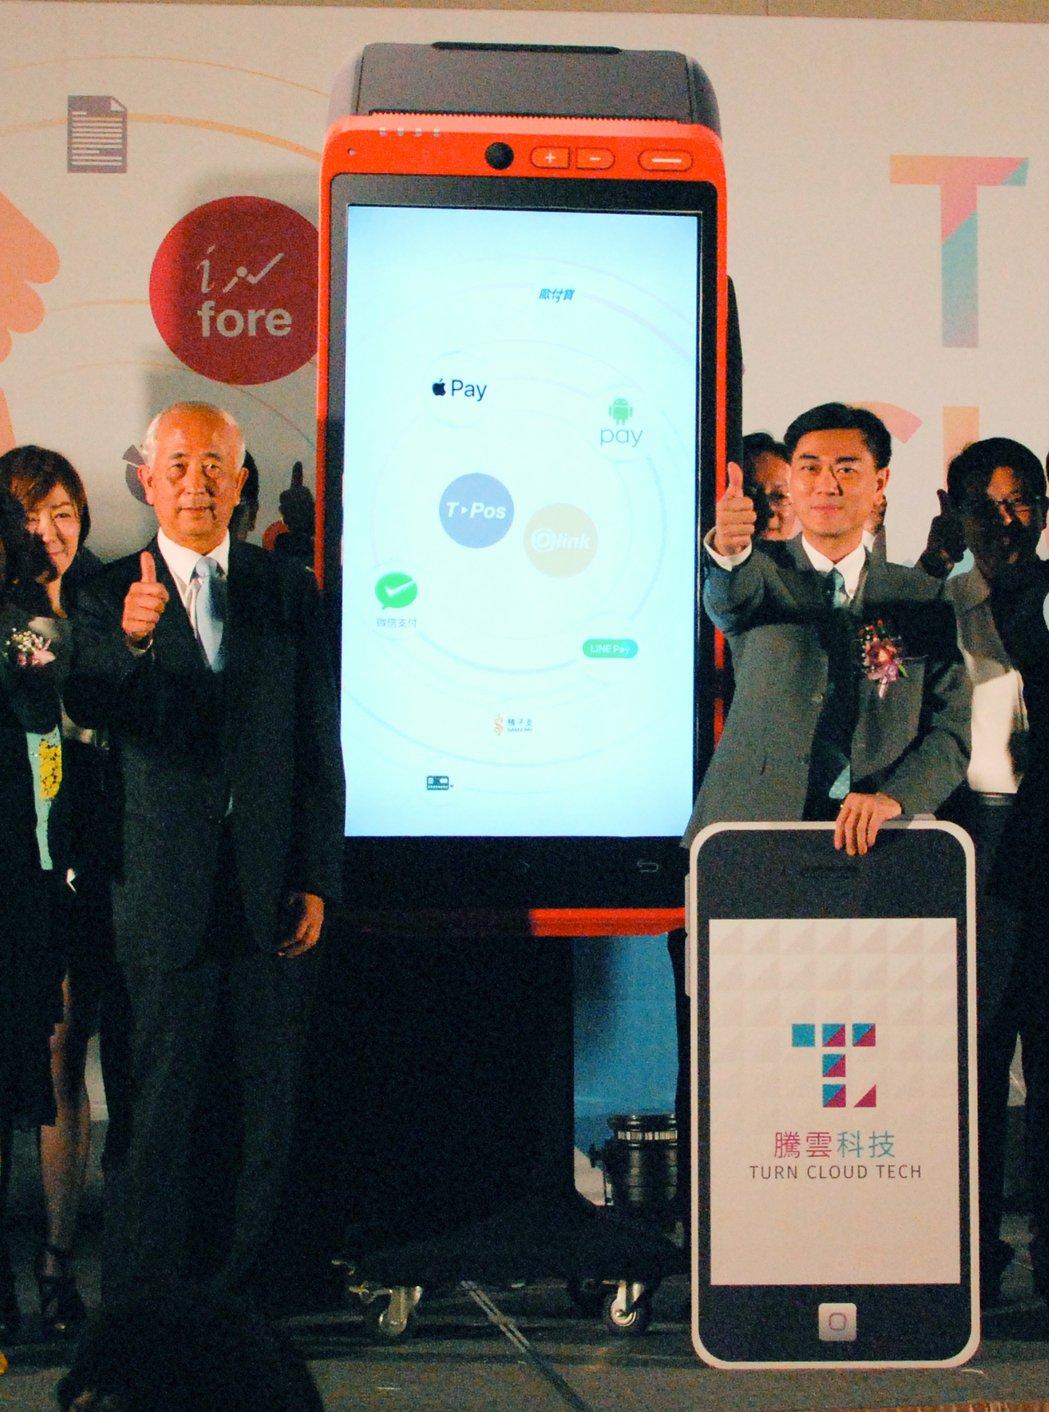 第一銀行董事長蔡慶年(左)與騰雲科技董事長梁基文(左)共同為新上市的產品站台。圖...